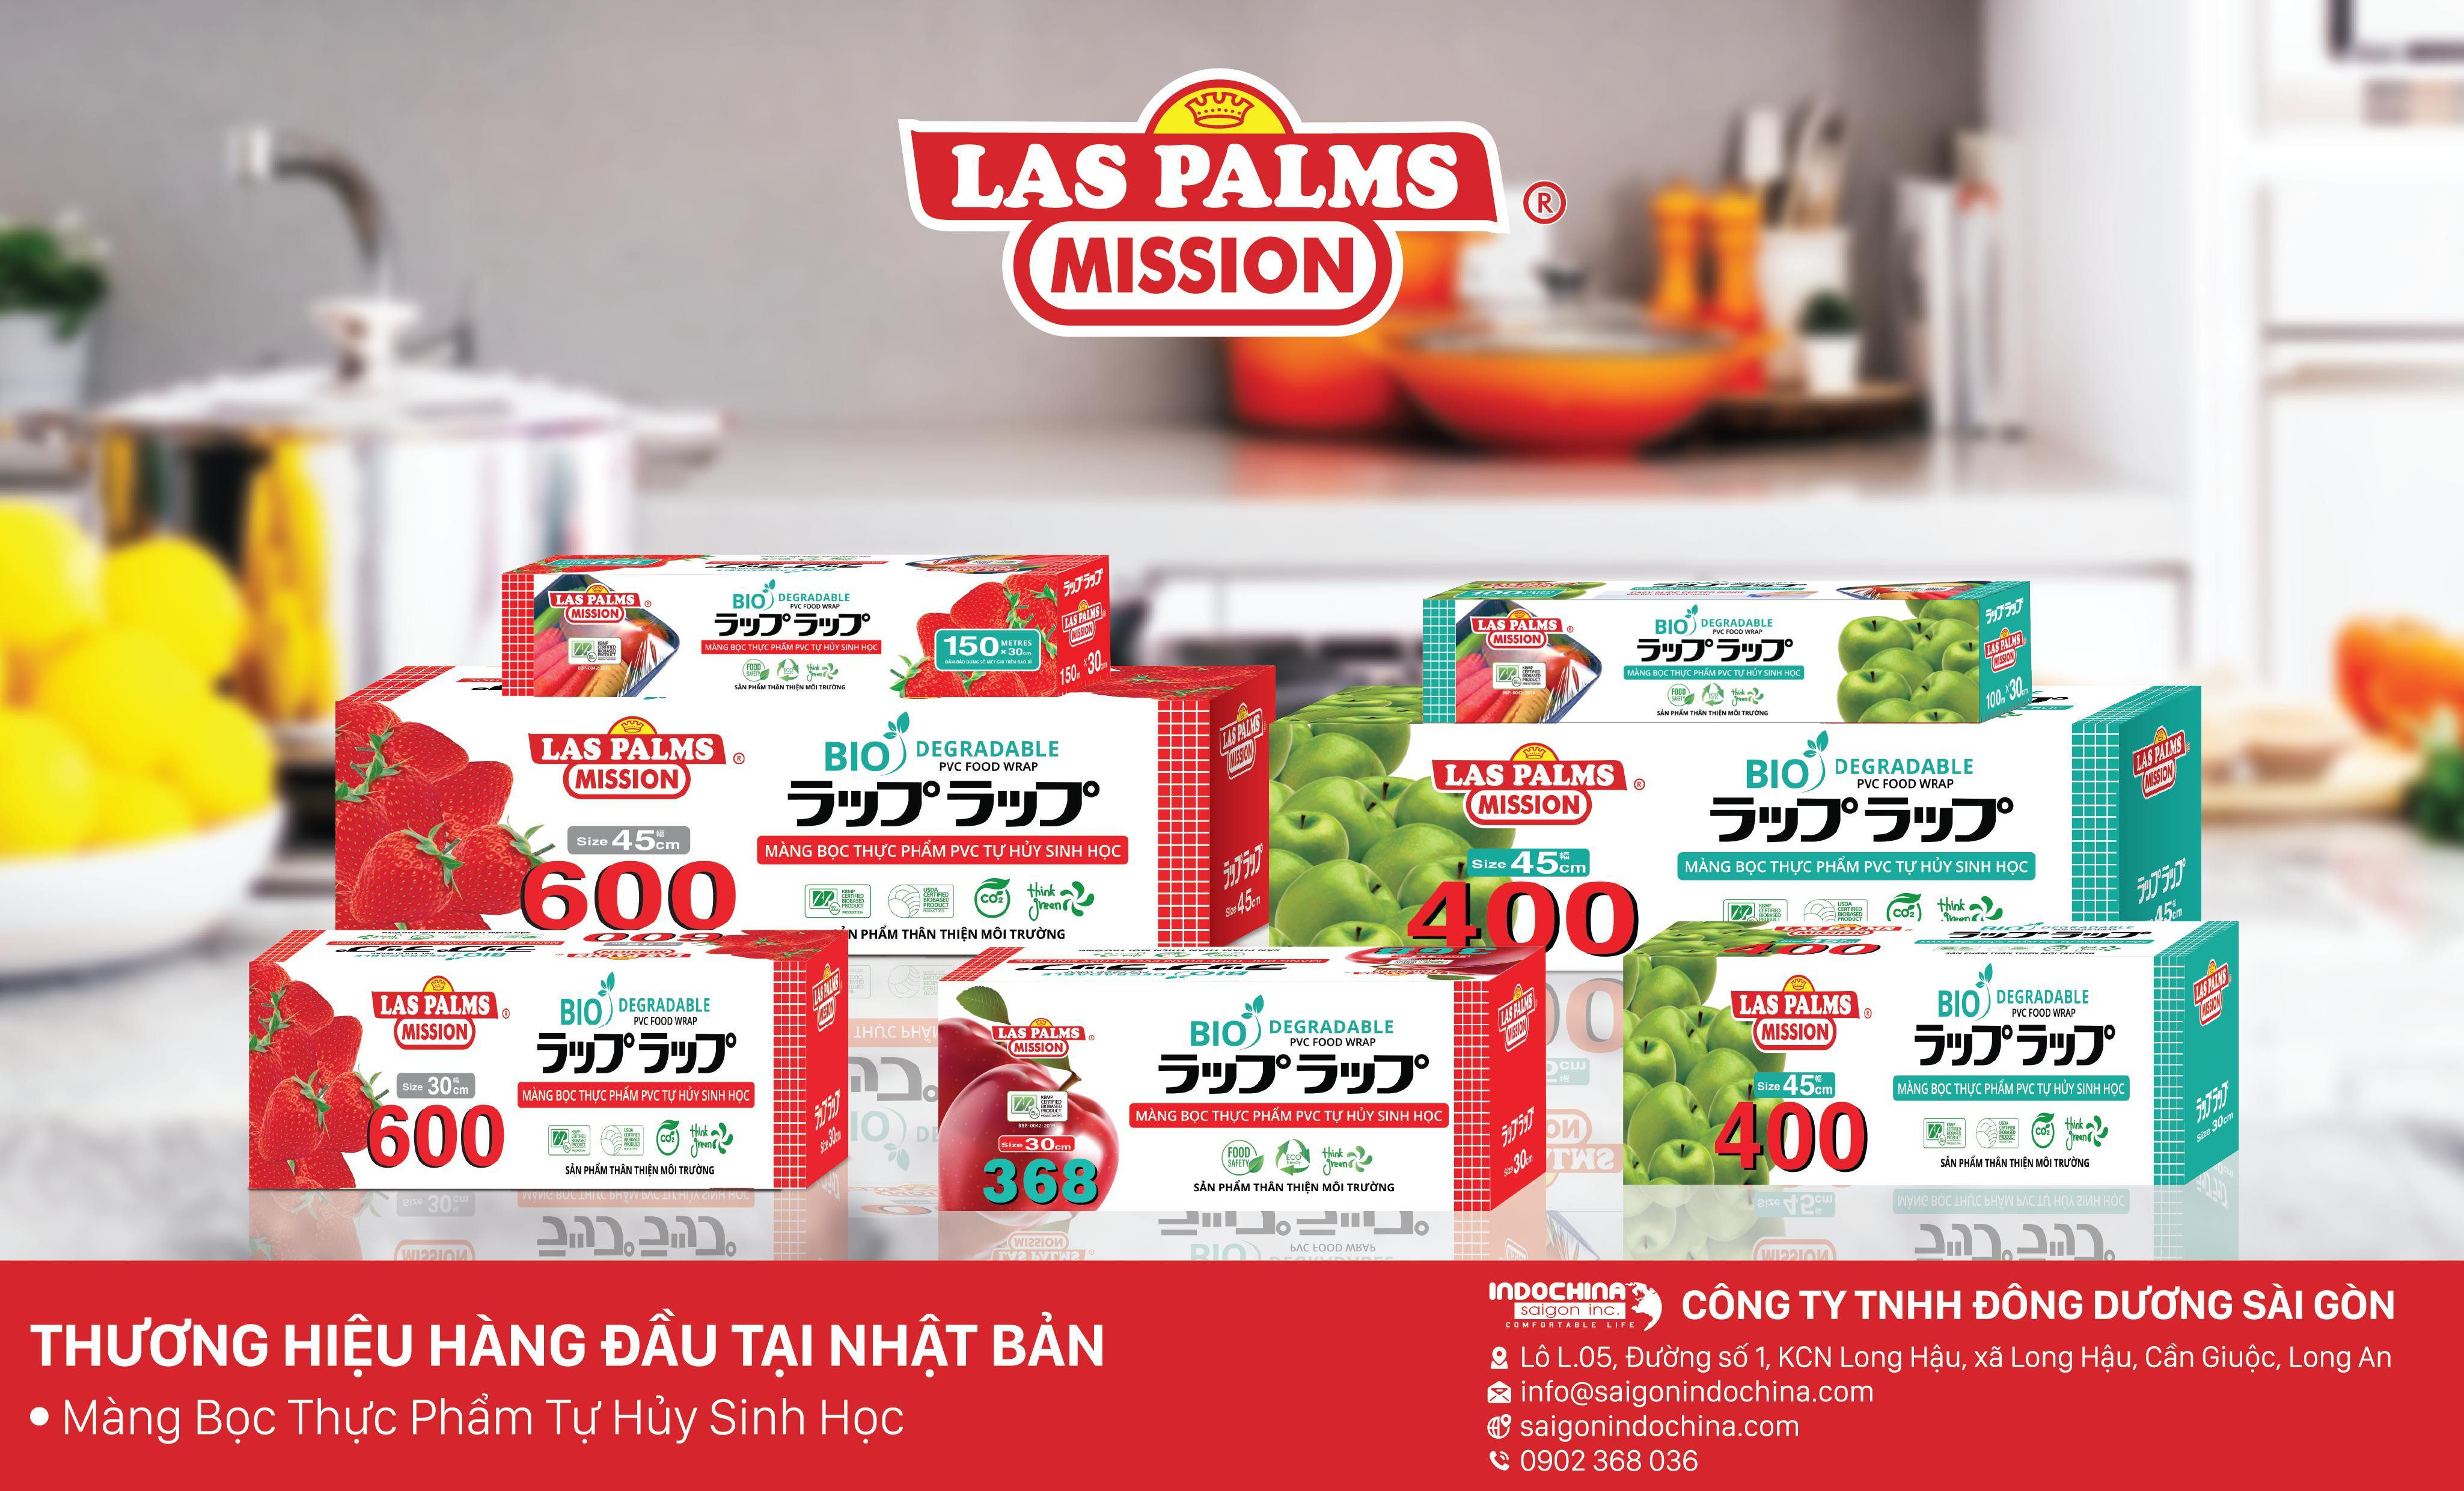 Màng bọc thực phẩm Las Palms